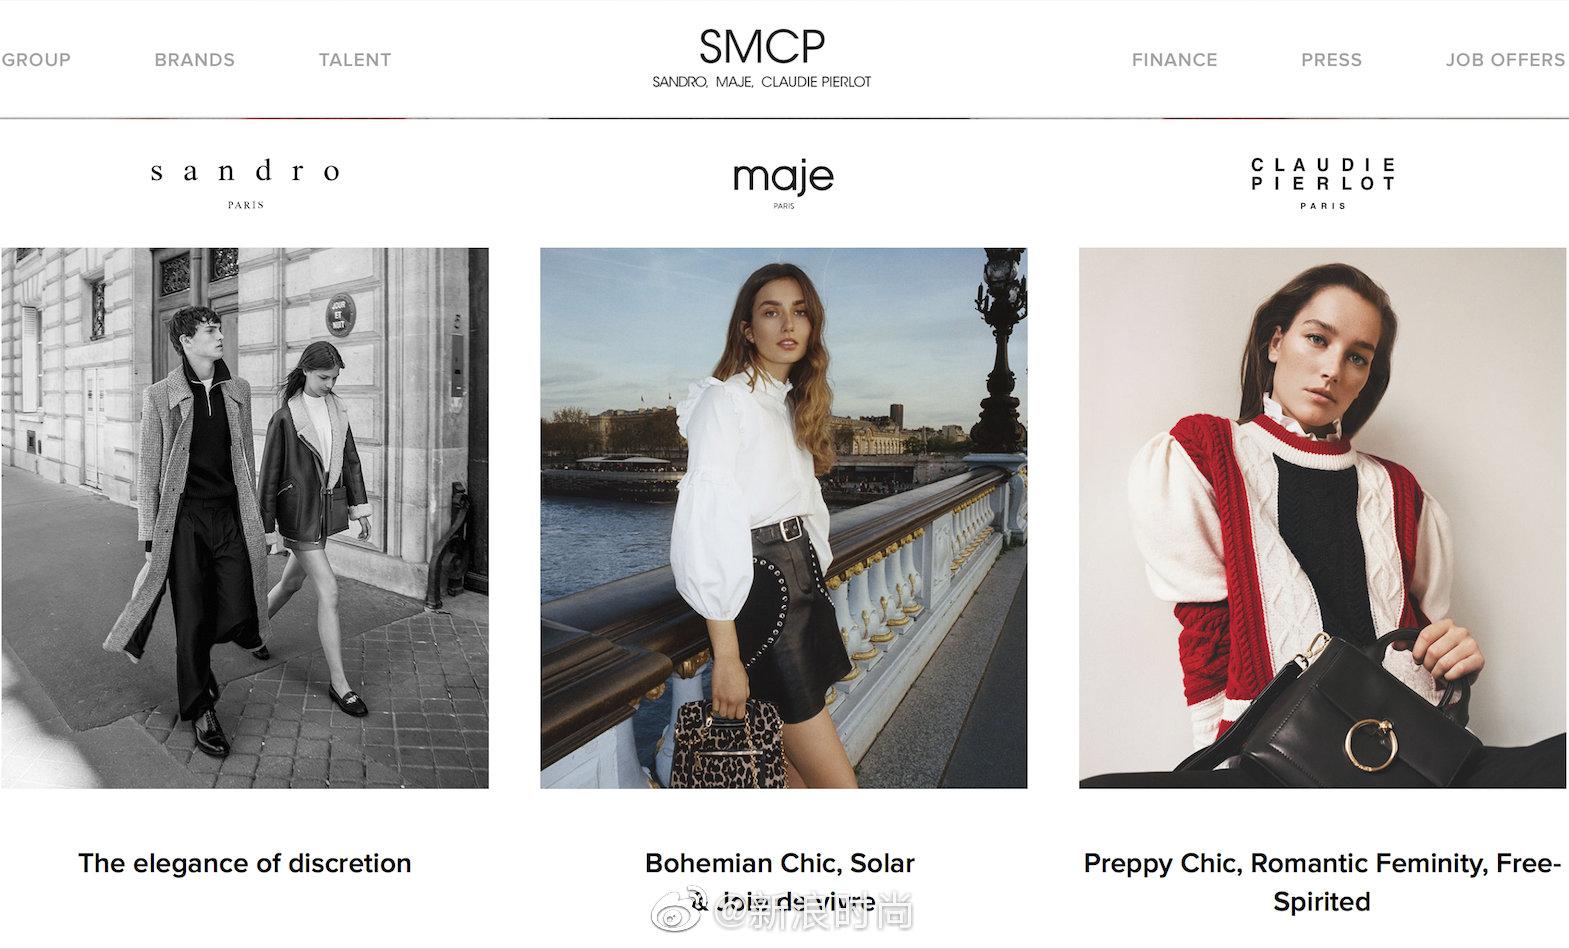 SMCP旗下品牌禁用皮草